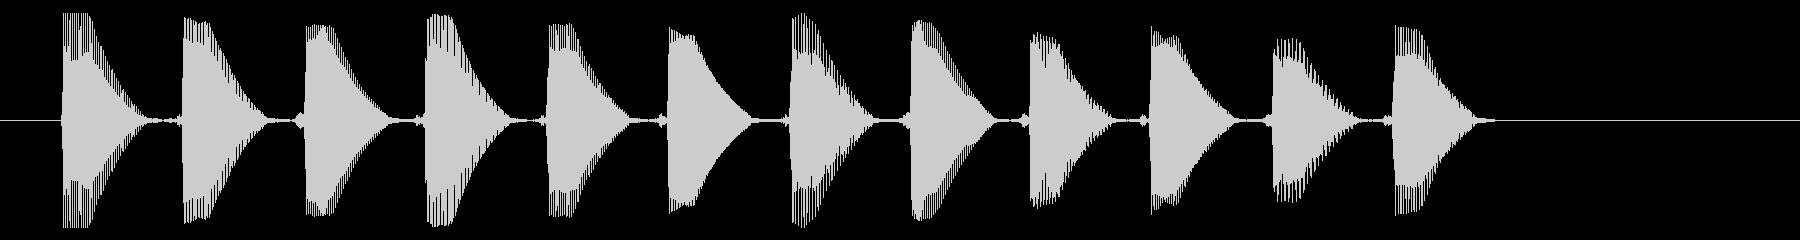 8ビット風システム音-16-1_dryの未再生の波形